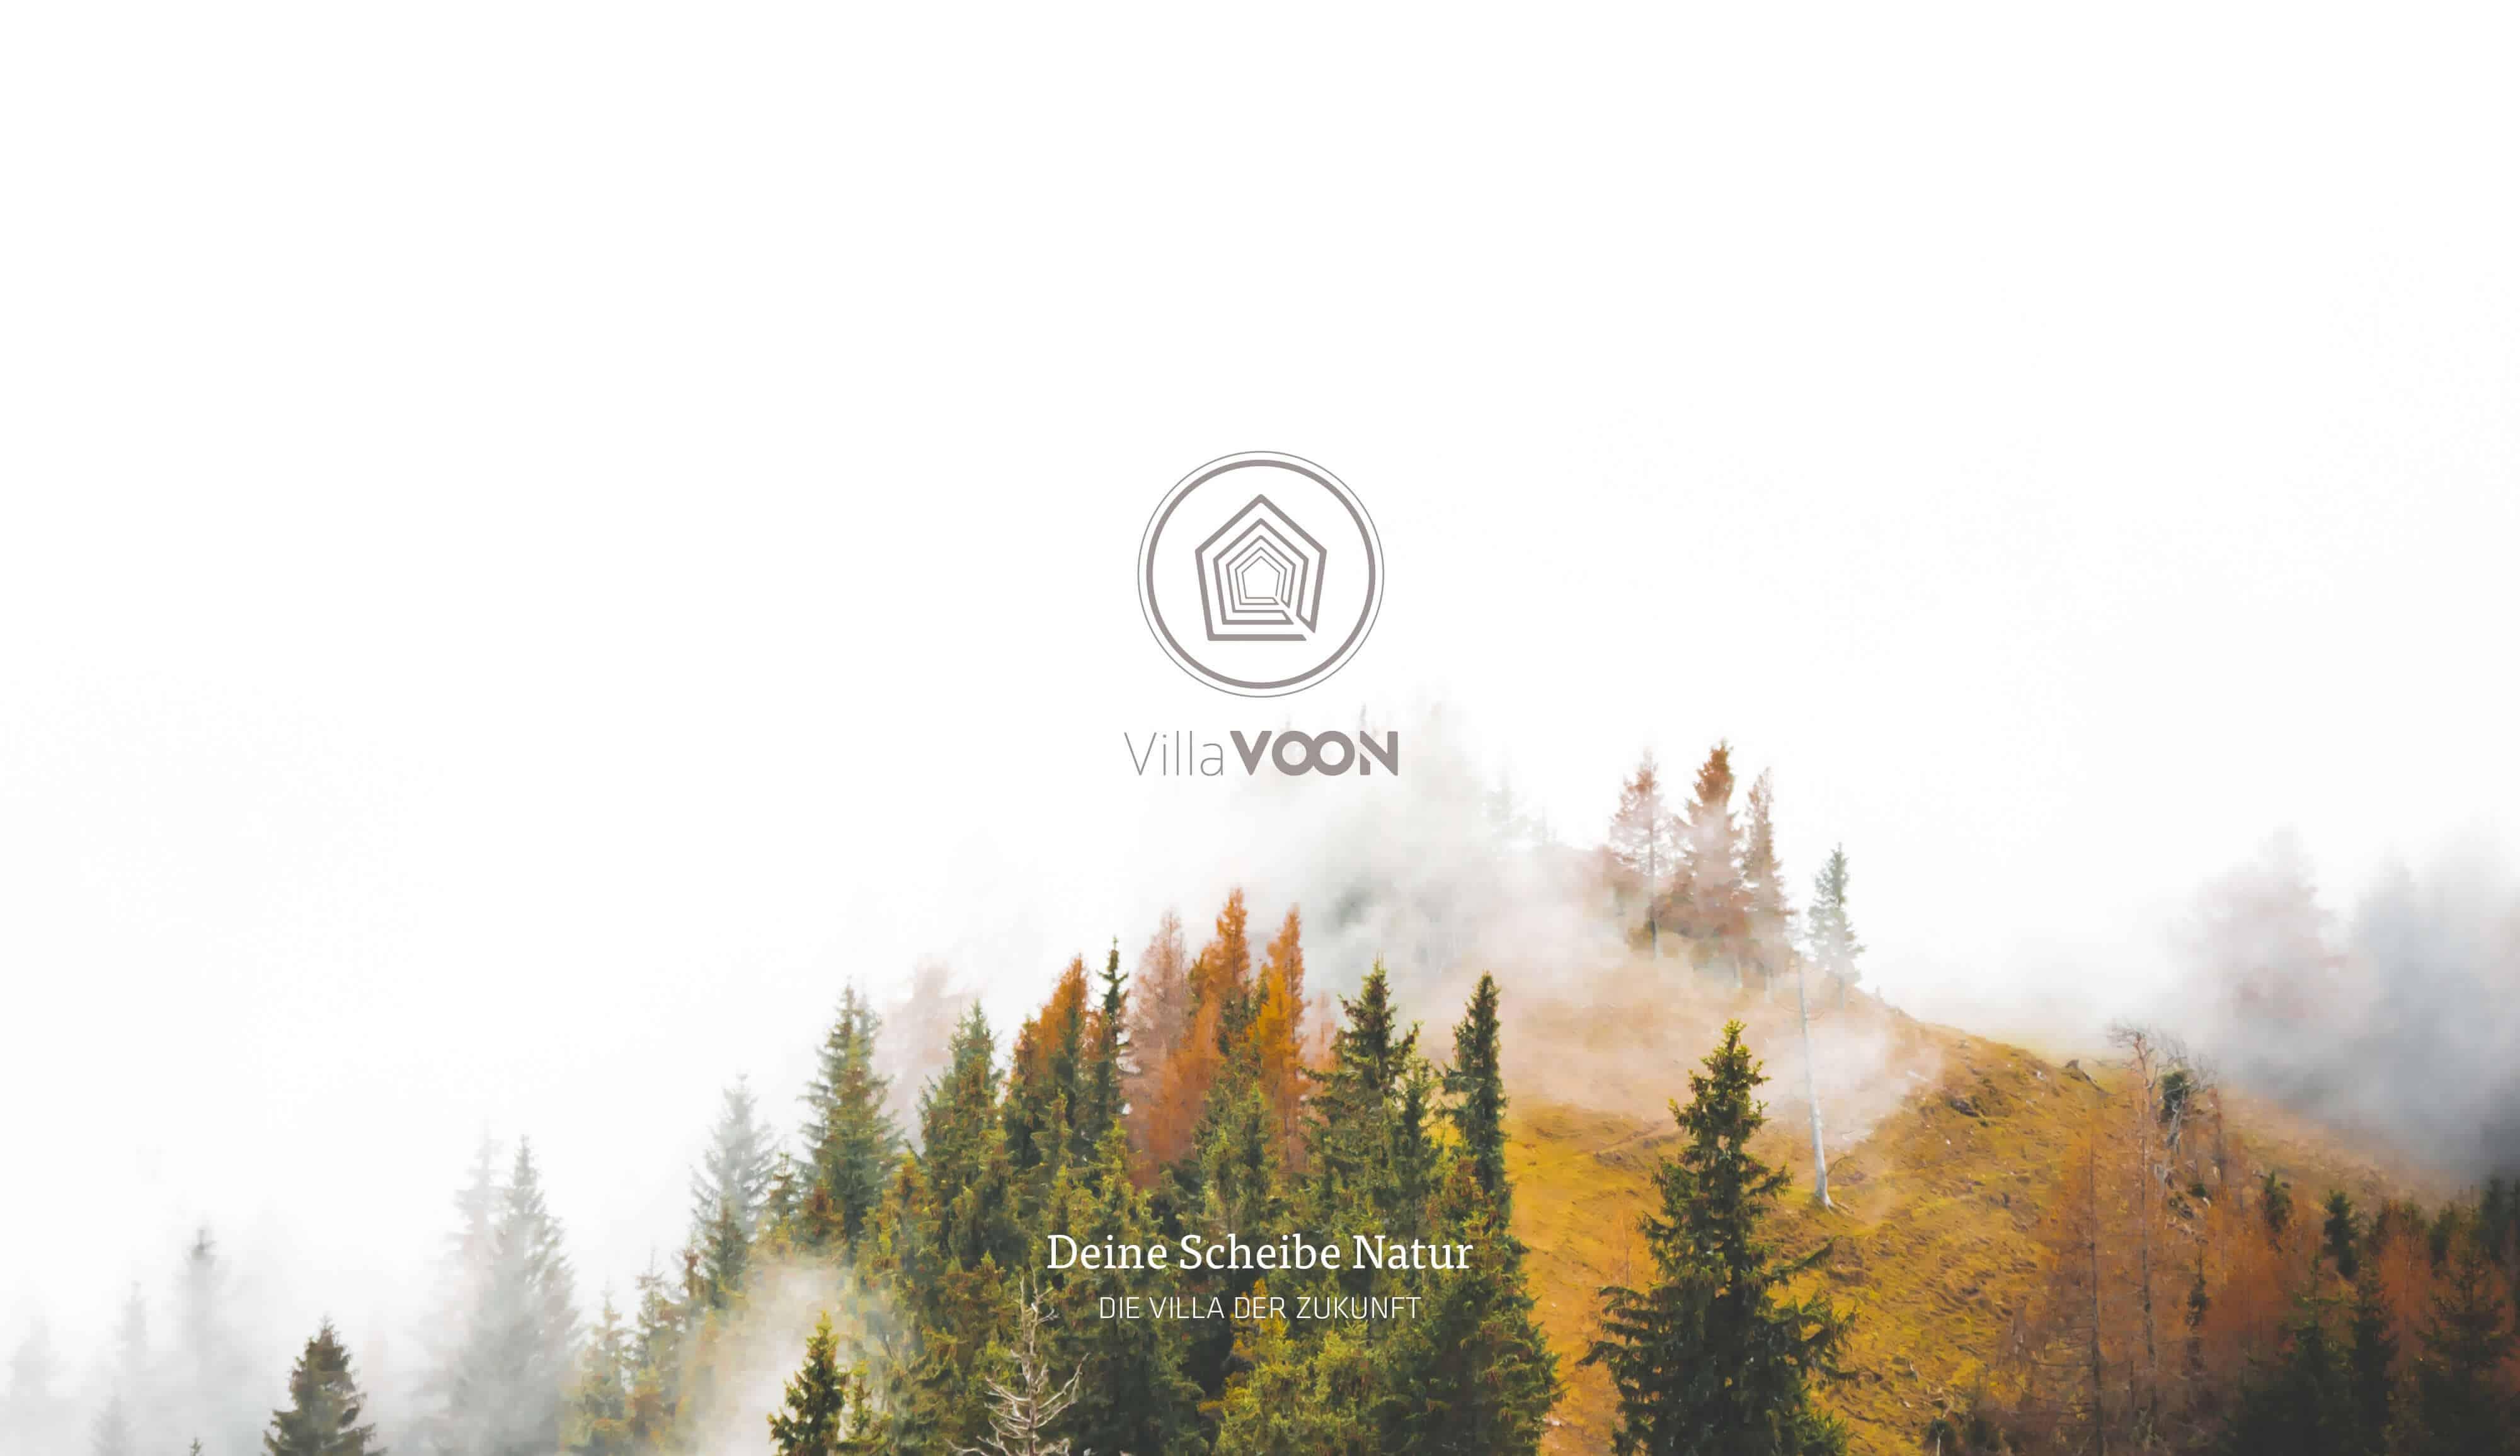 VillaVoon_Aufbereitung_01